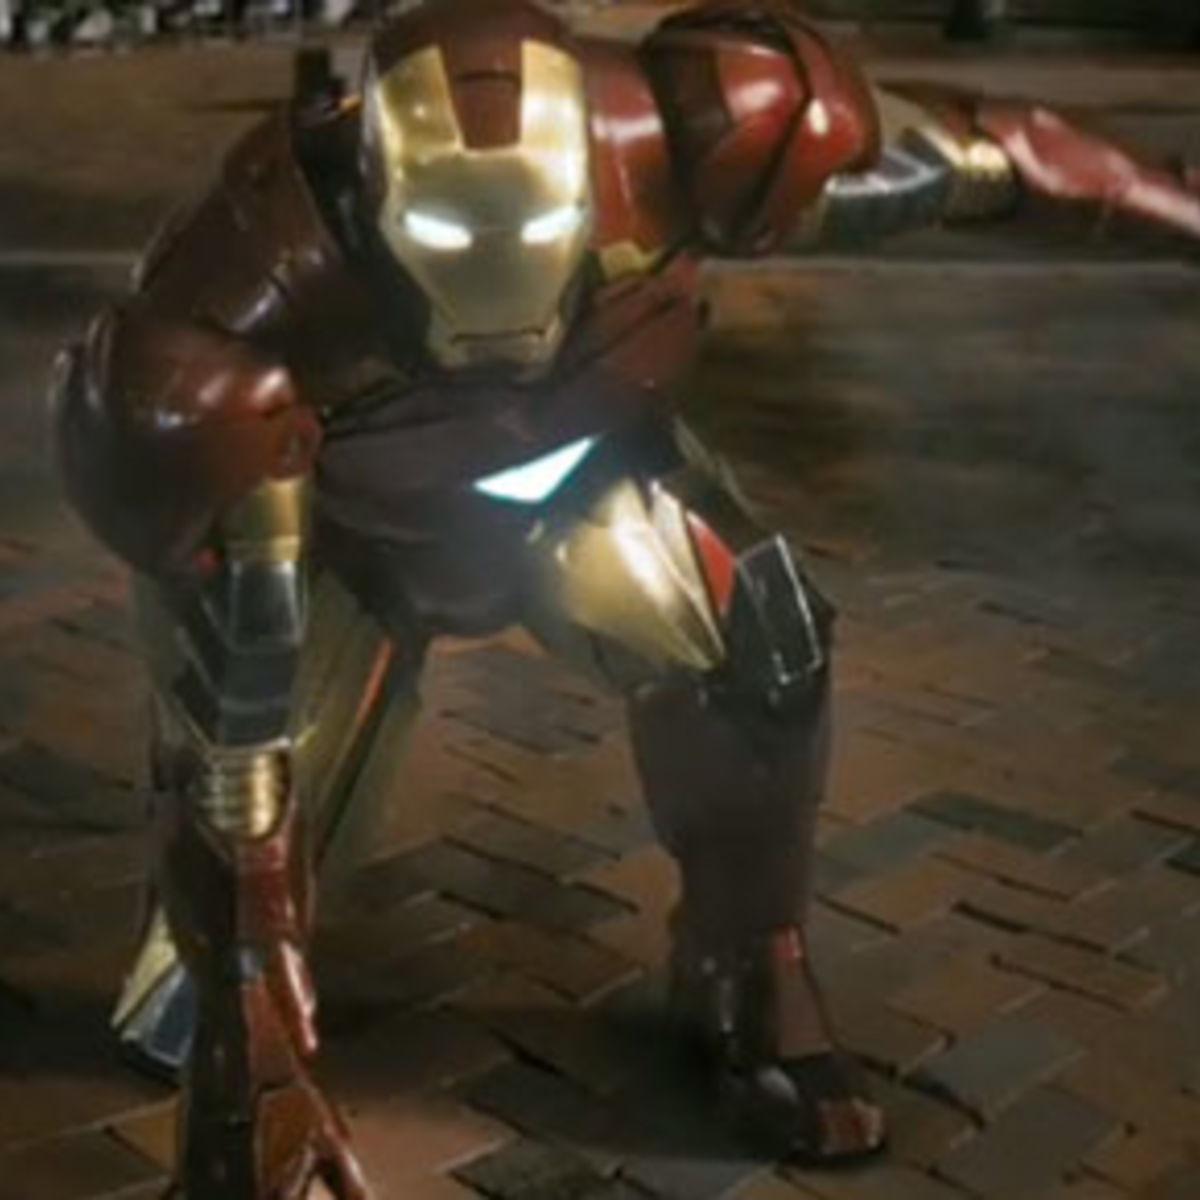 AvengersTrailer3022912.jpg